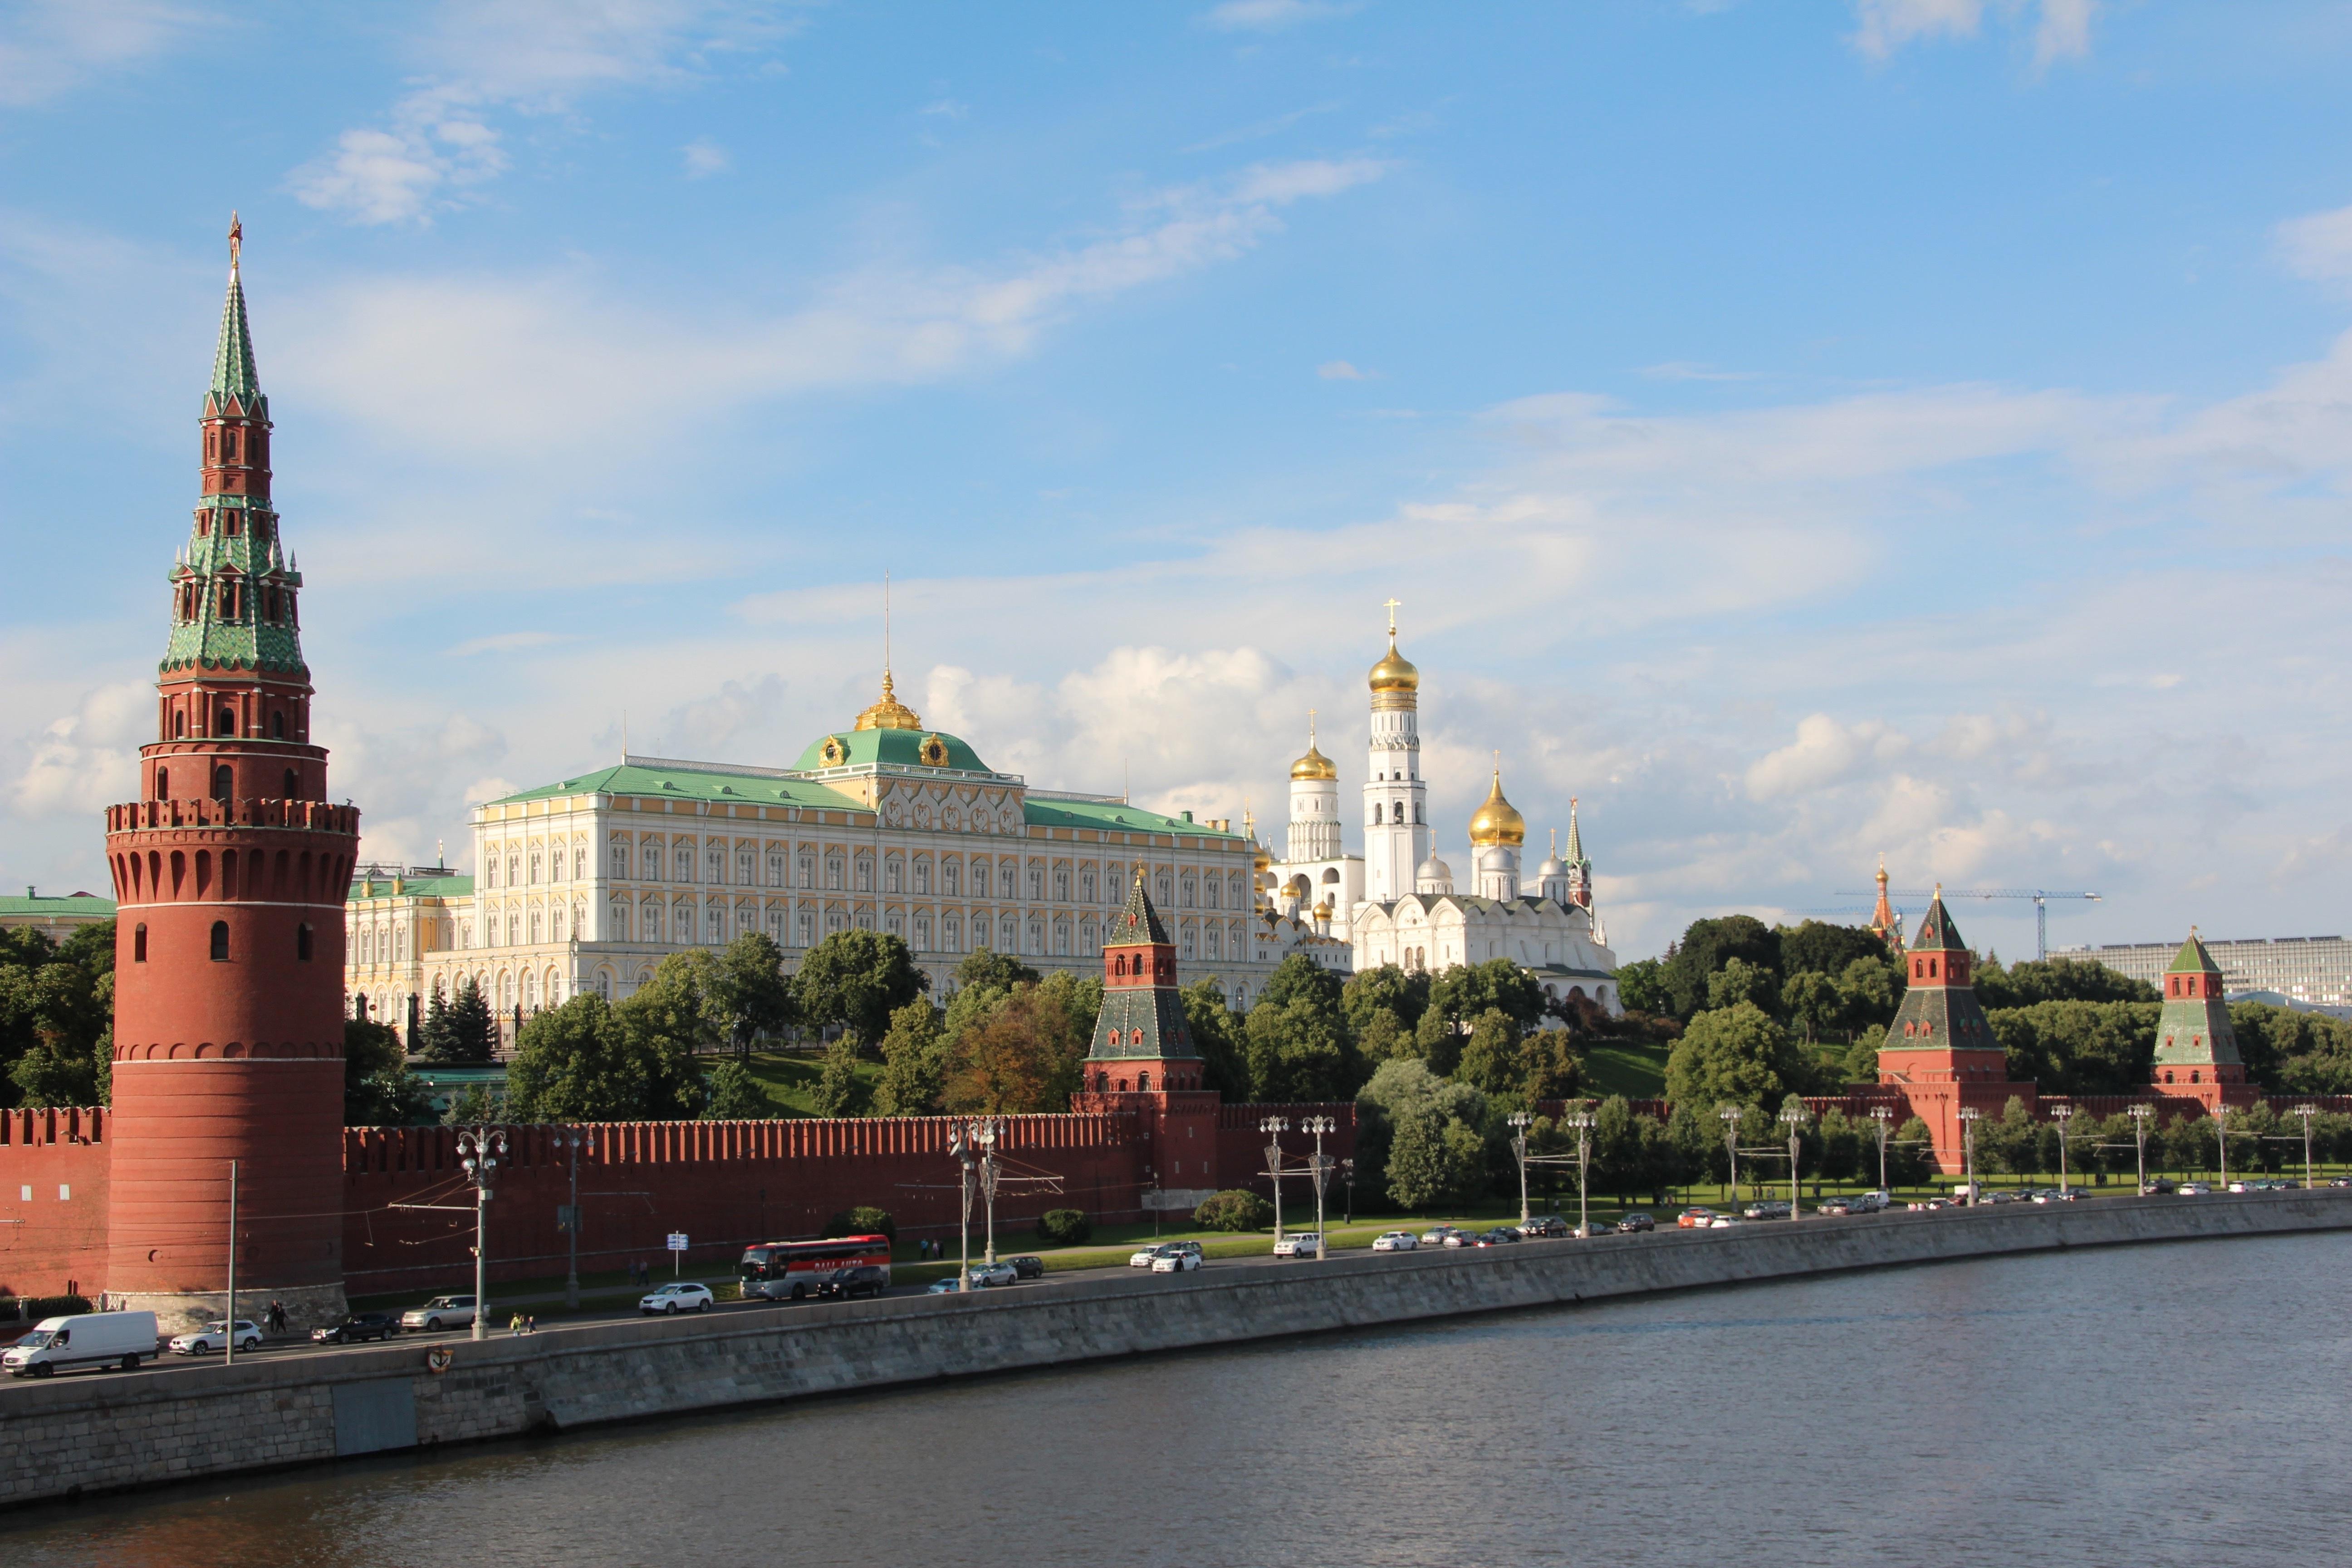 Rosja: Katastrofa nuklearna zabiła elitę naukową. Kreml potwierdził incydent